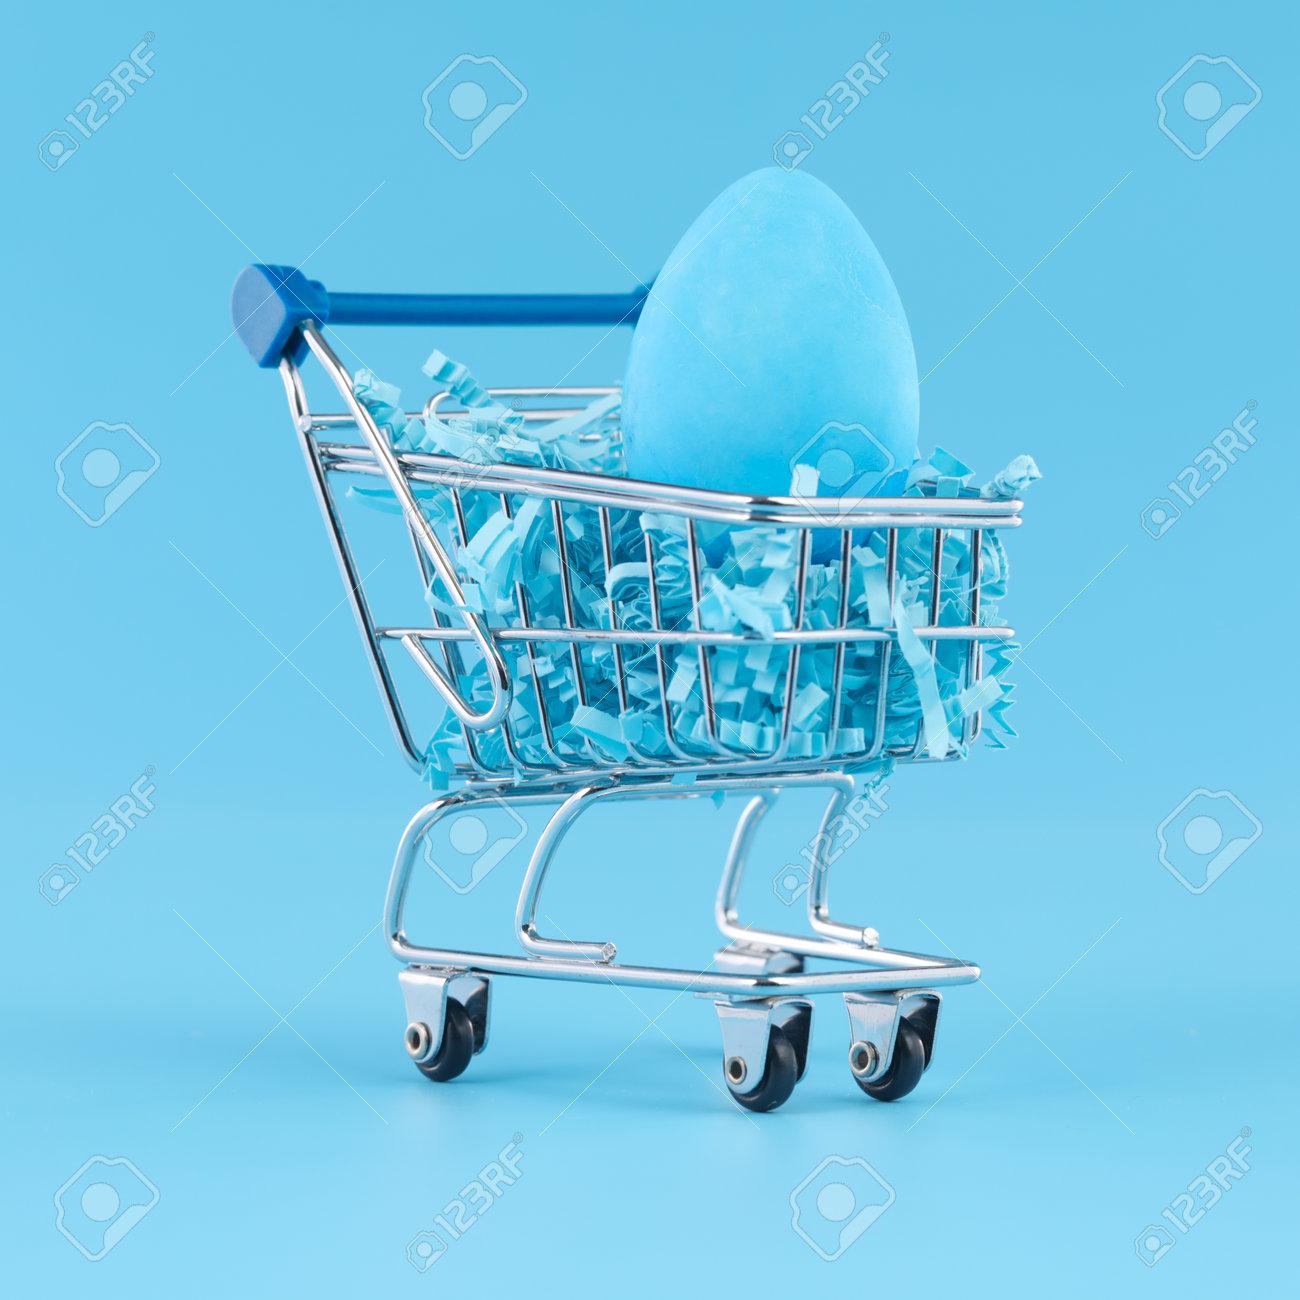 Blue Easter egg in shopping cart for Easter shopping concept. - 166132232